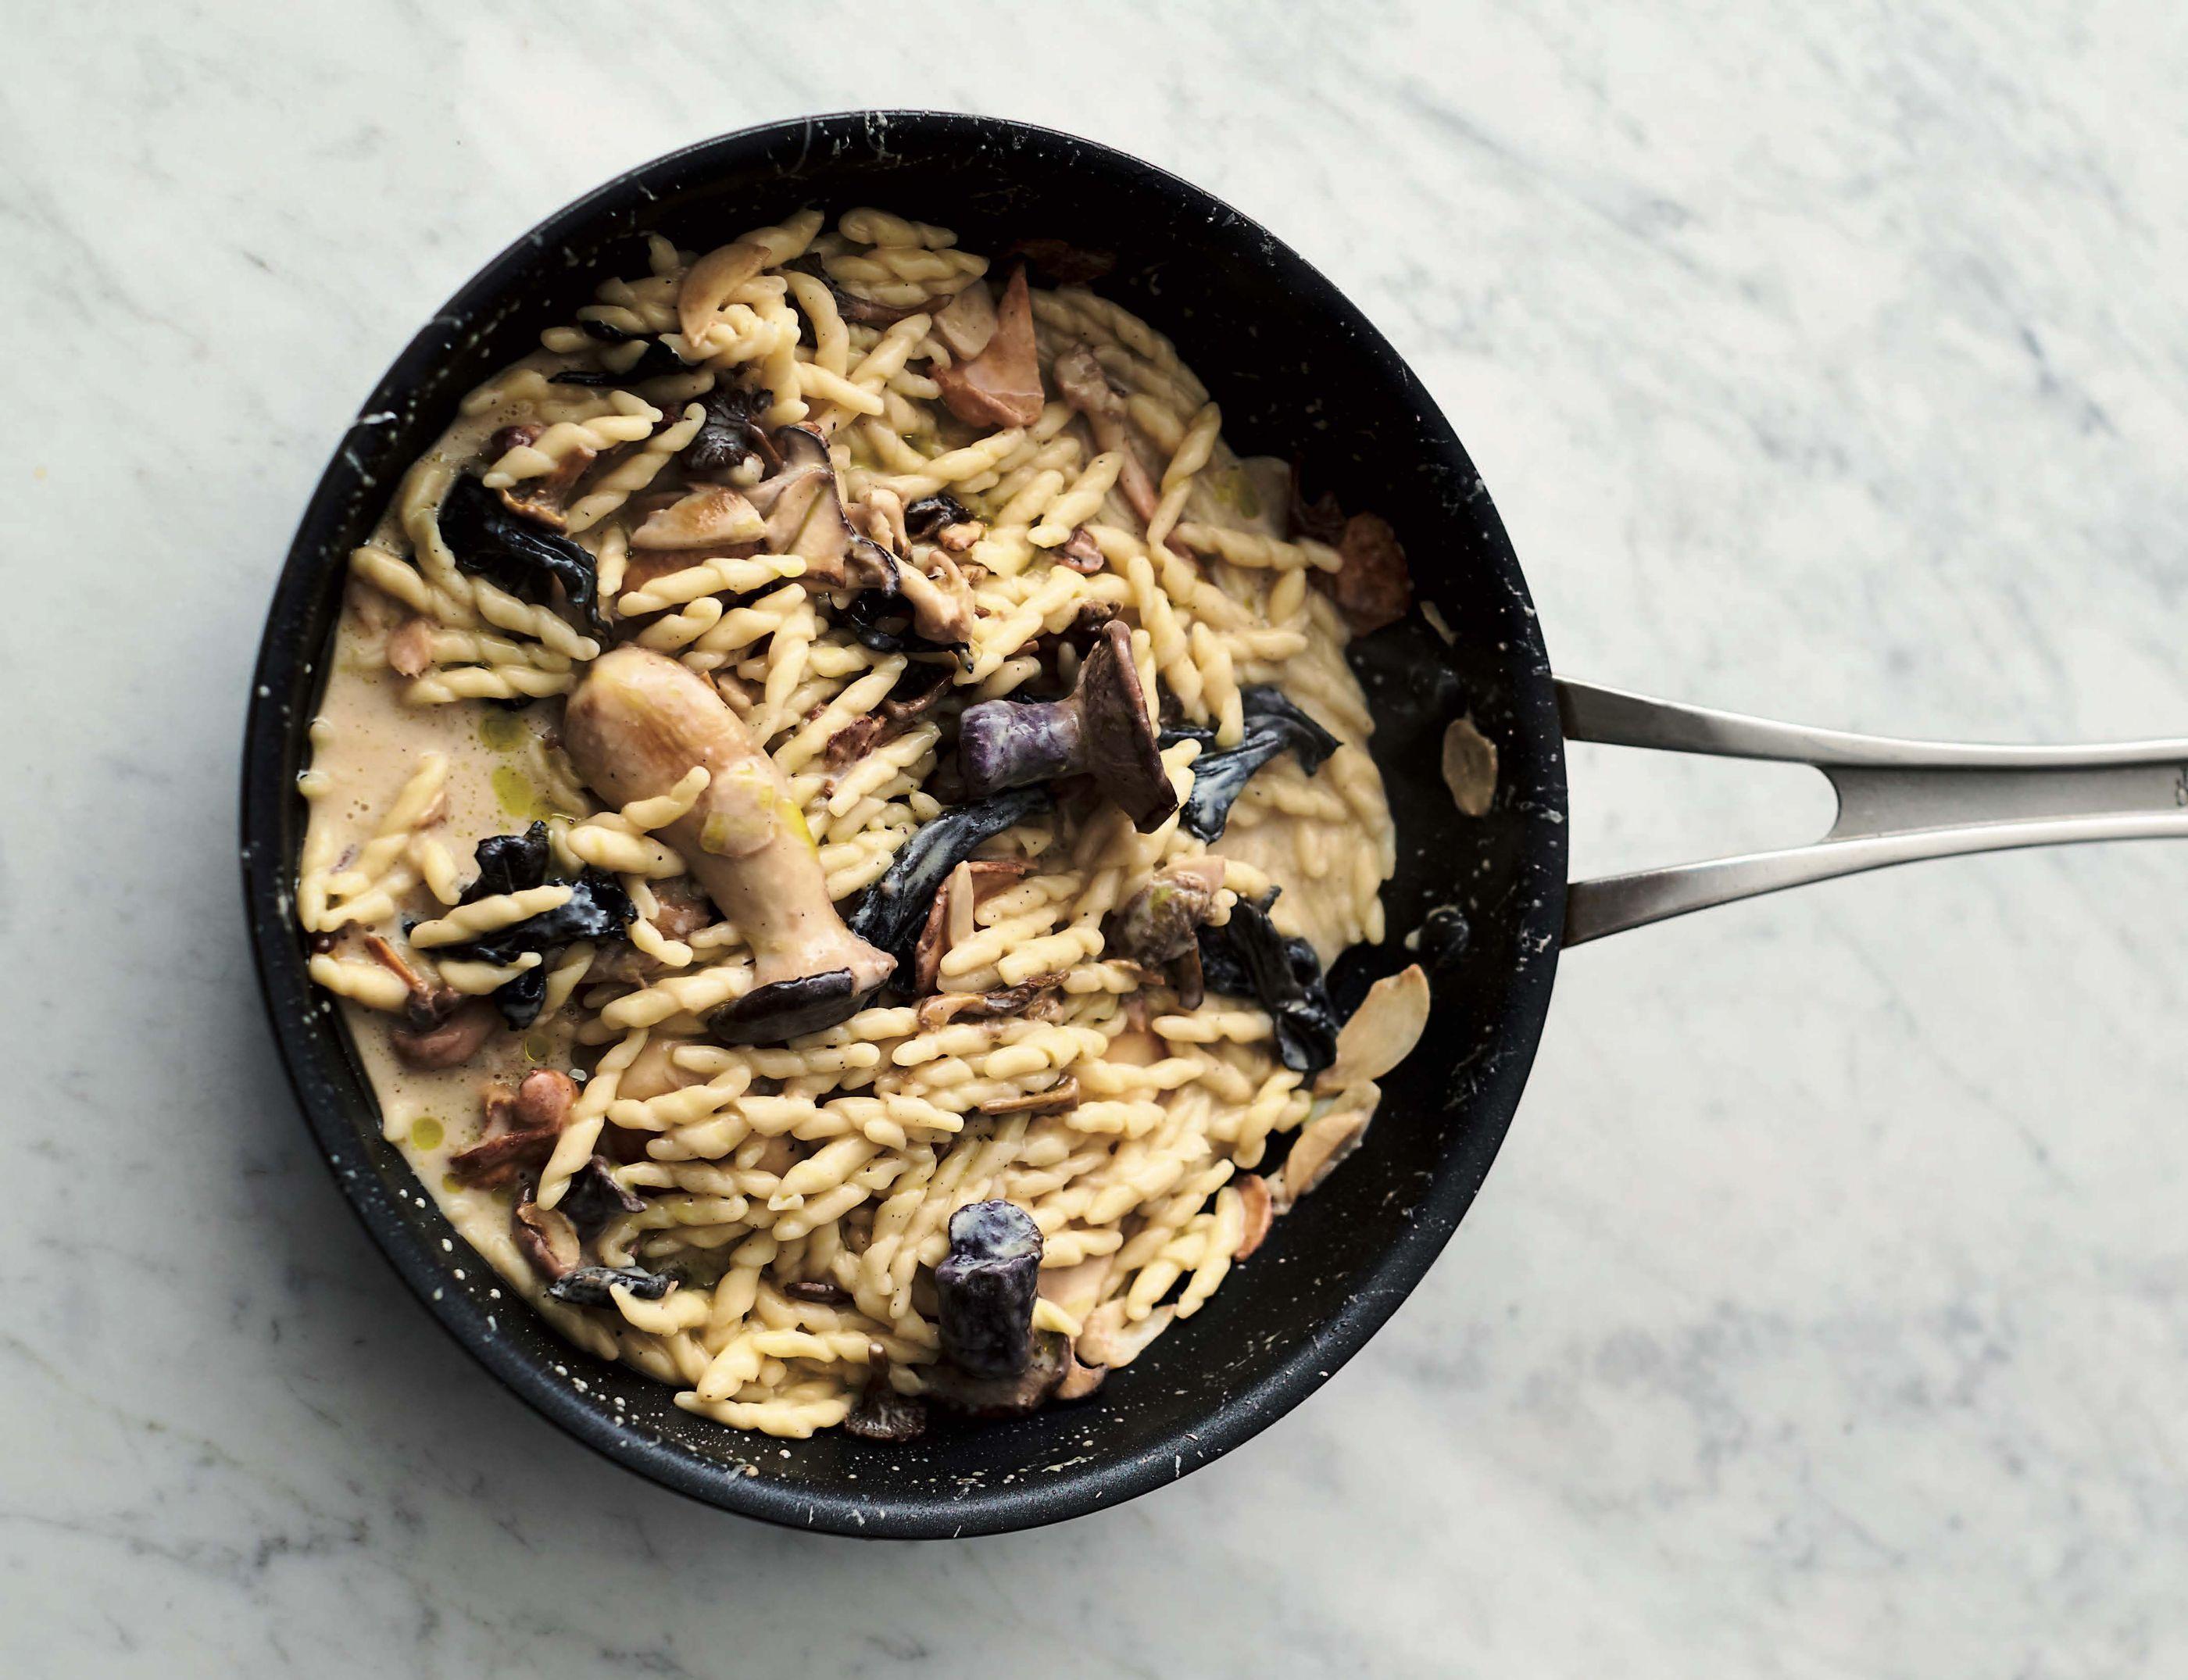 Jamie Oliver's 5-Ingredient, 15-Minute Pastas Are Weeknight Miracle Workers